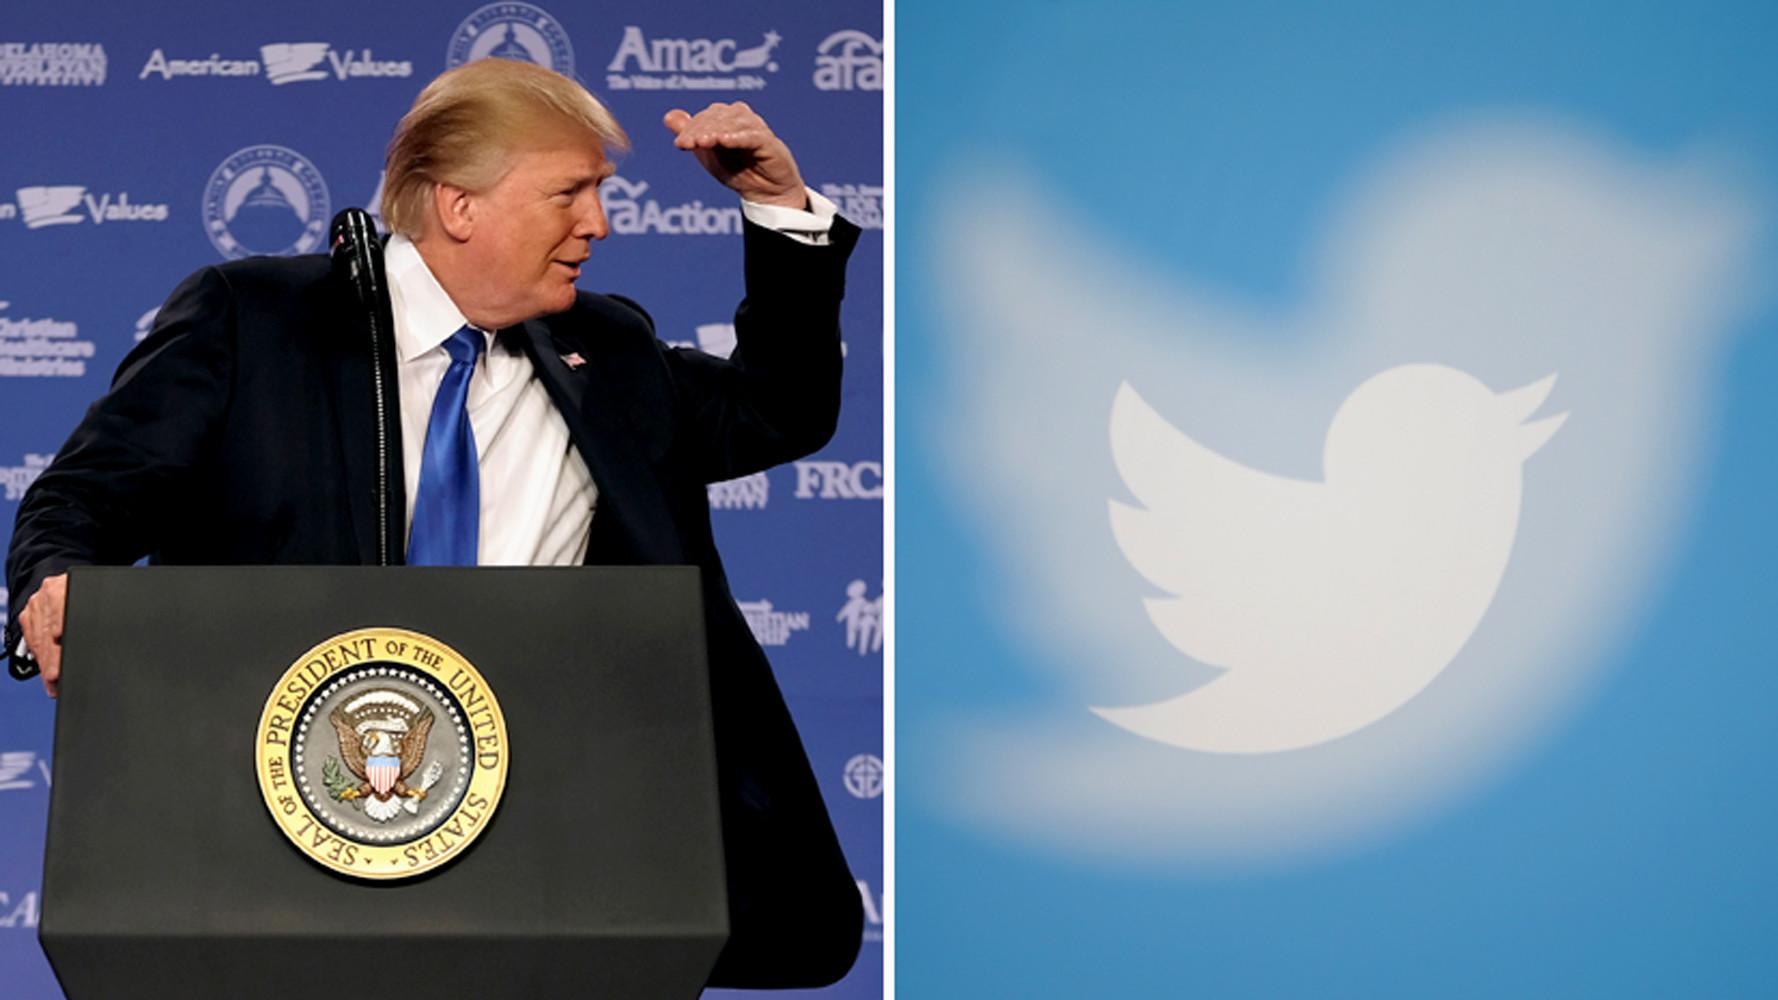 «Пора перестать твитить и начать руководить»: почему любовь Трампа к соцсетям расстраивает американских демократов